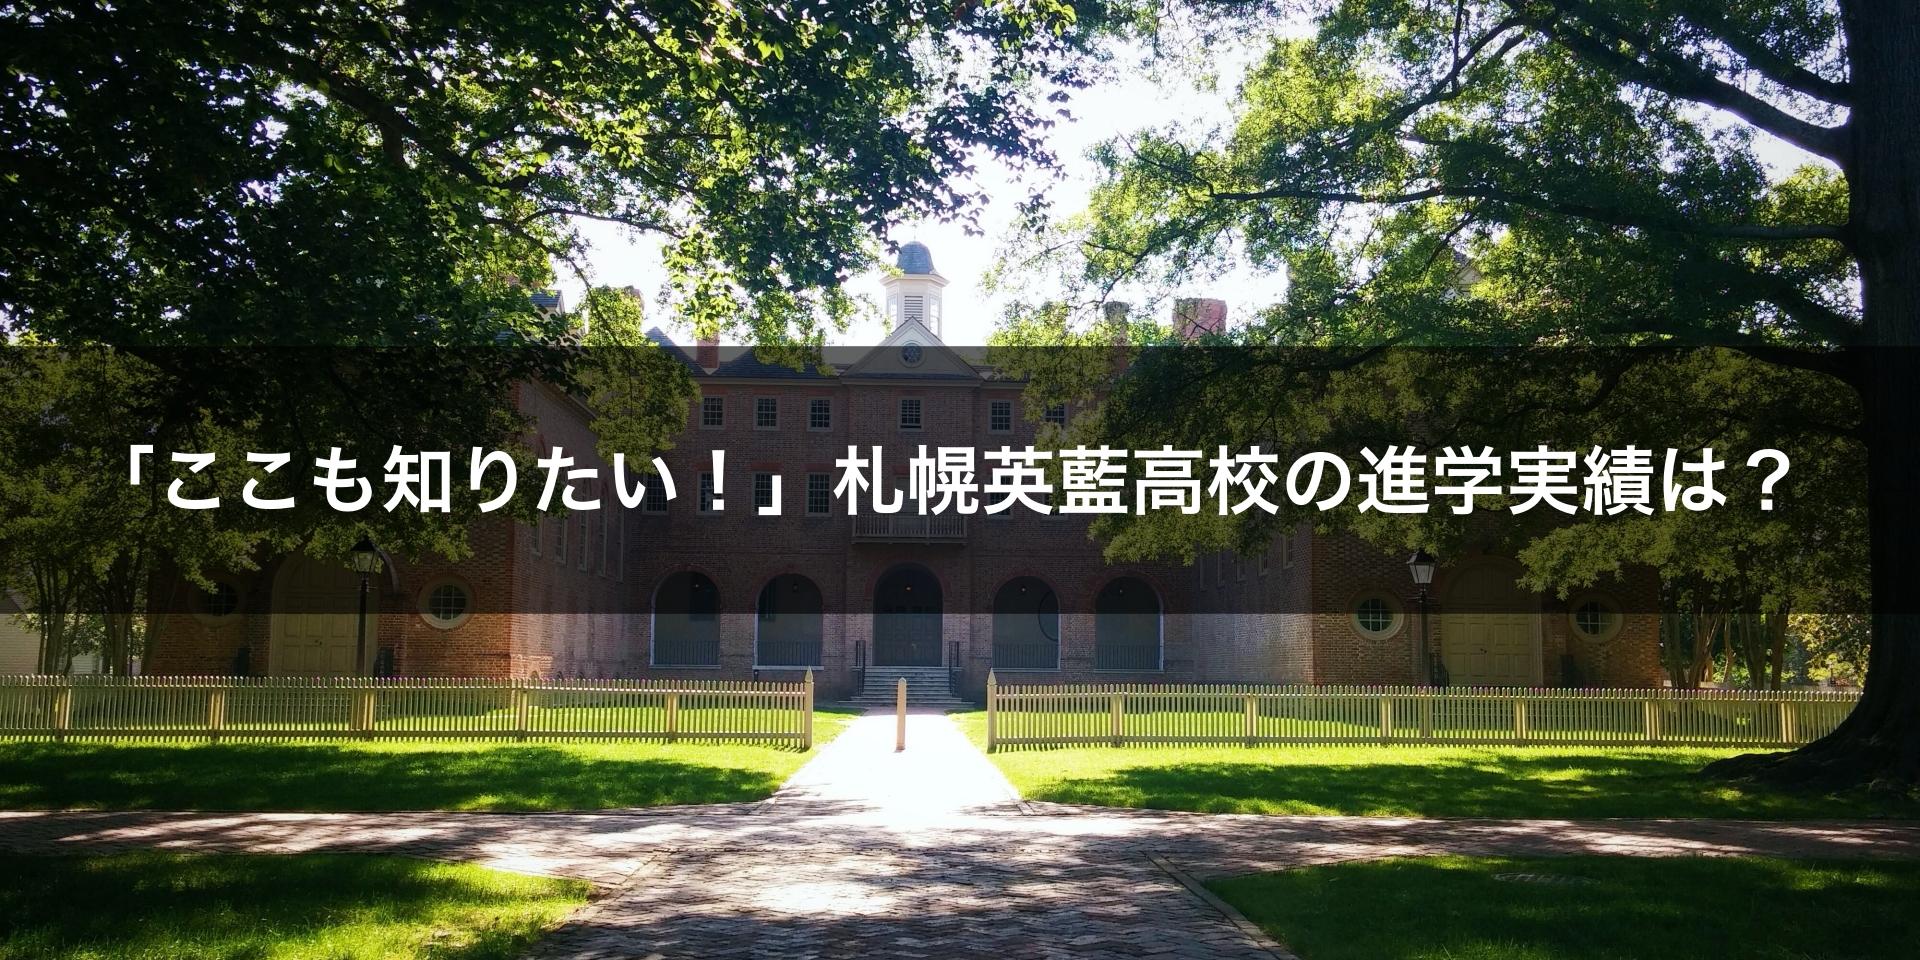 「ここも知りたい!」札幌英藍高校の進学実績は?